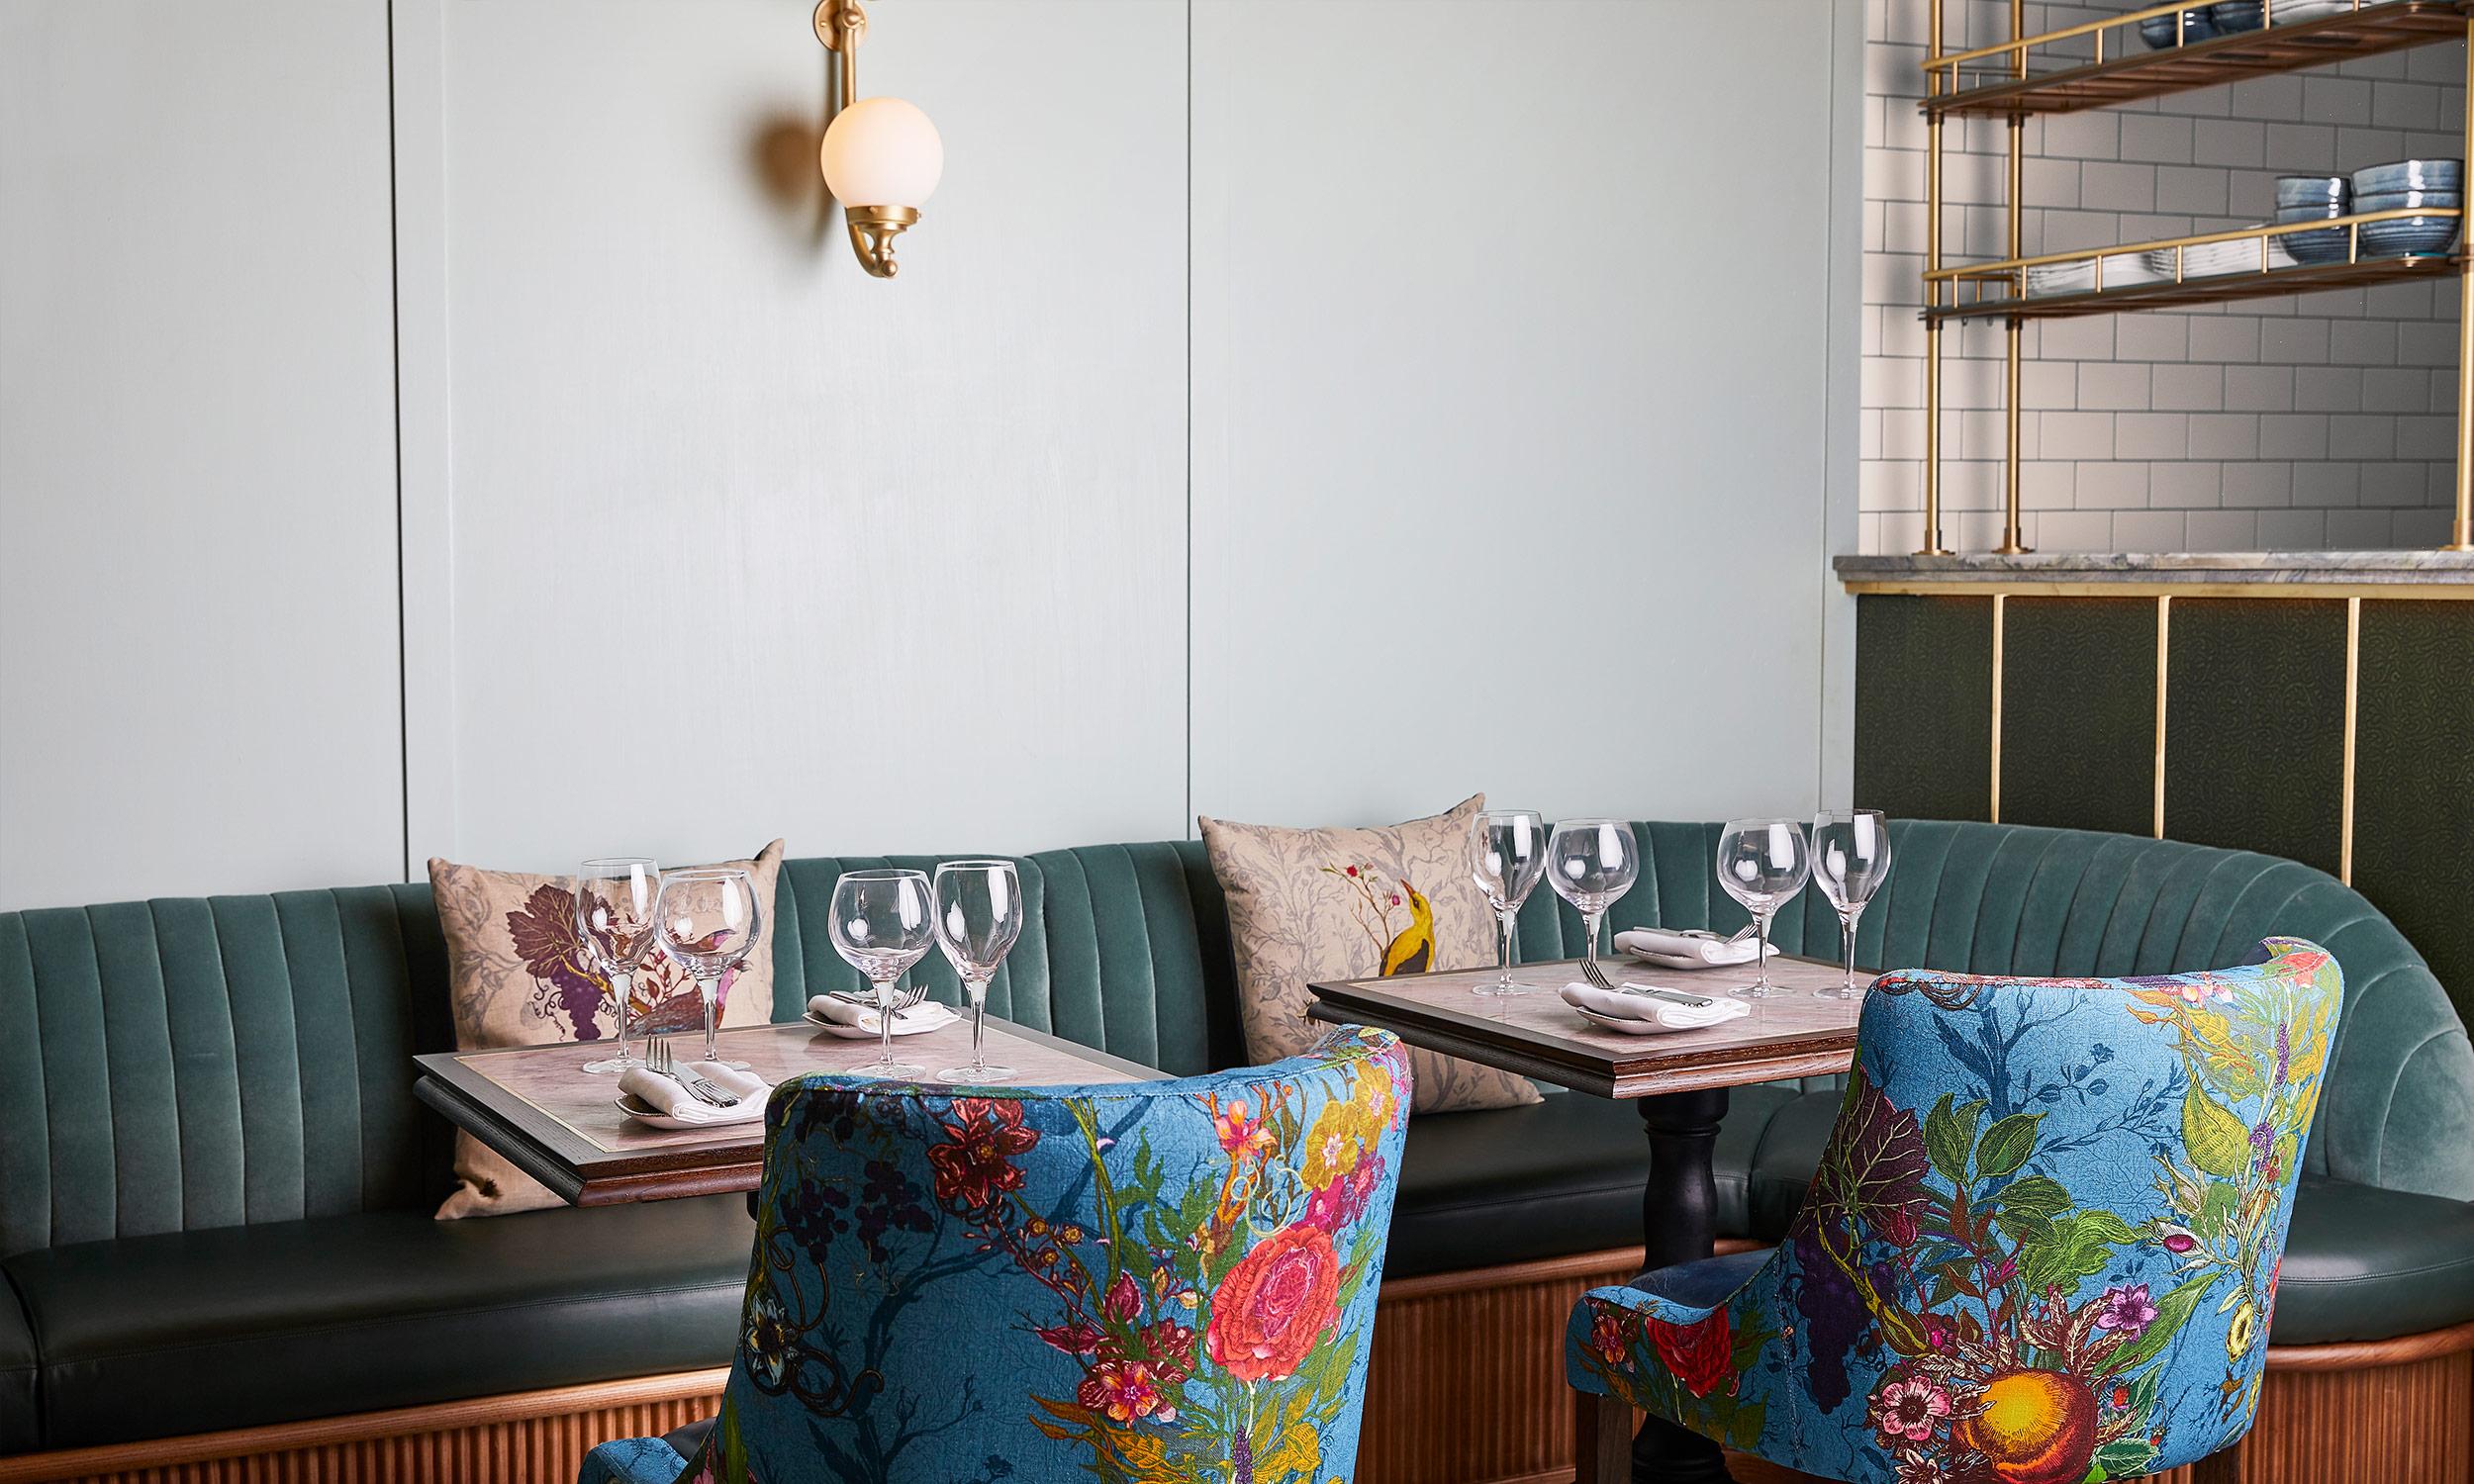 Tish Restaurant interiors